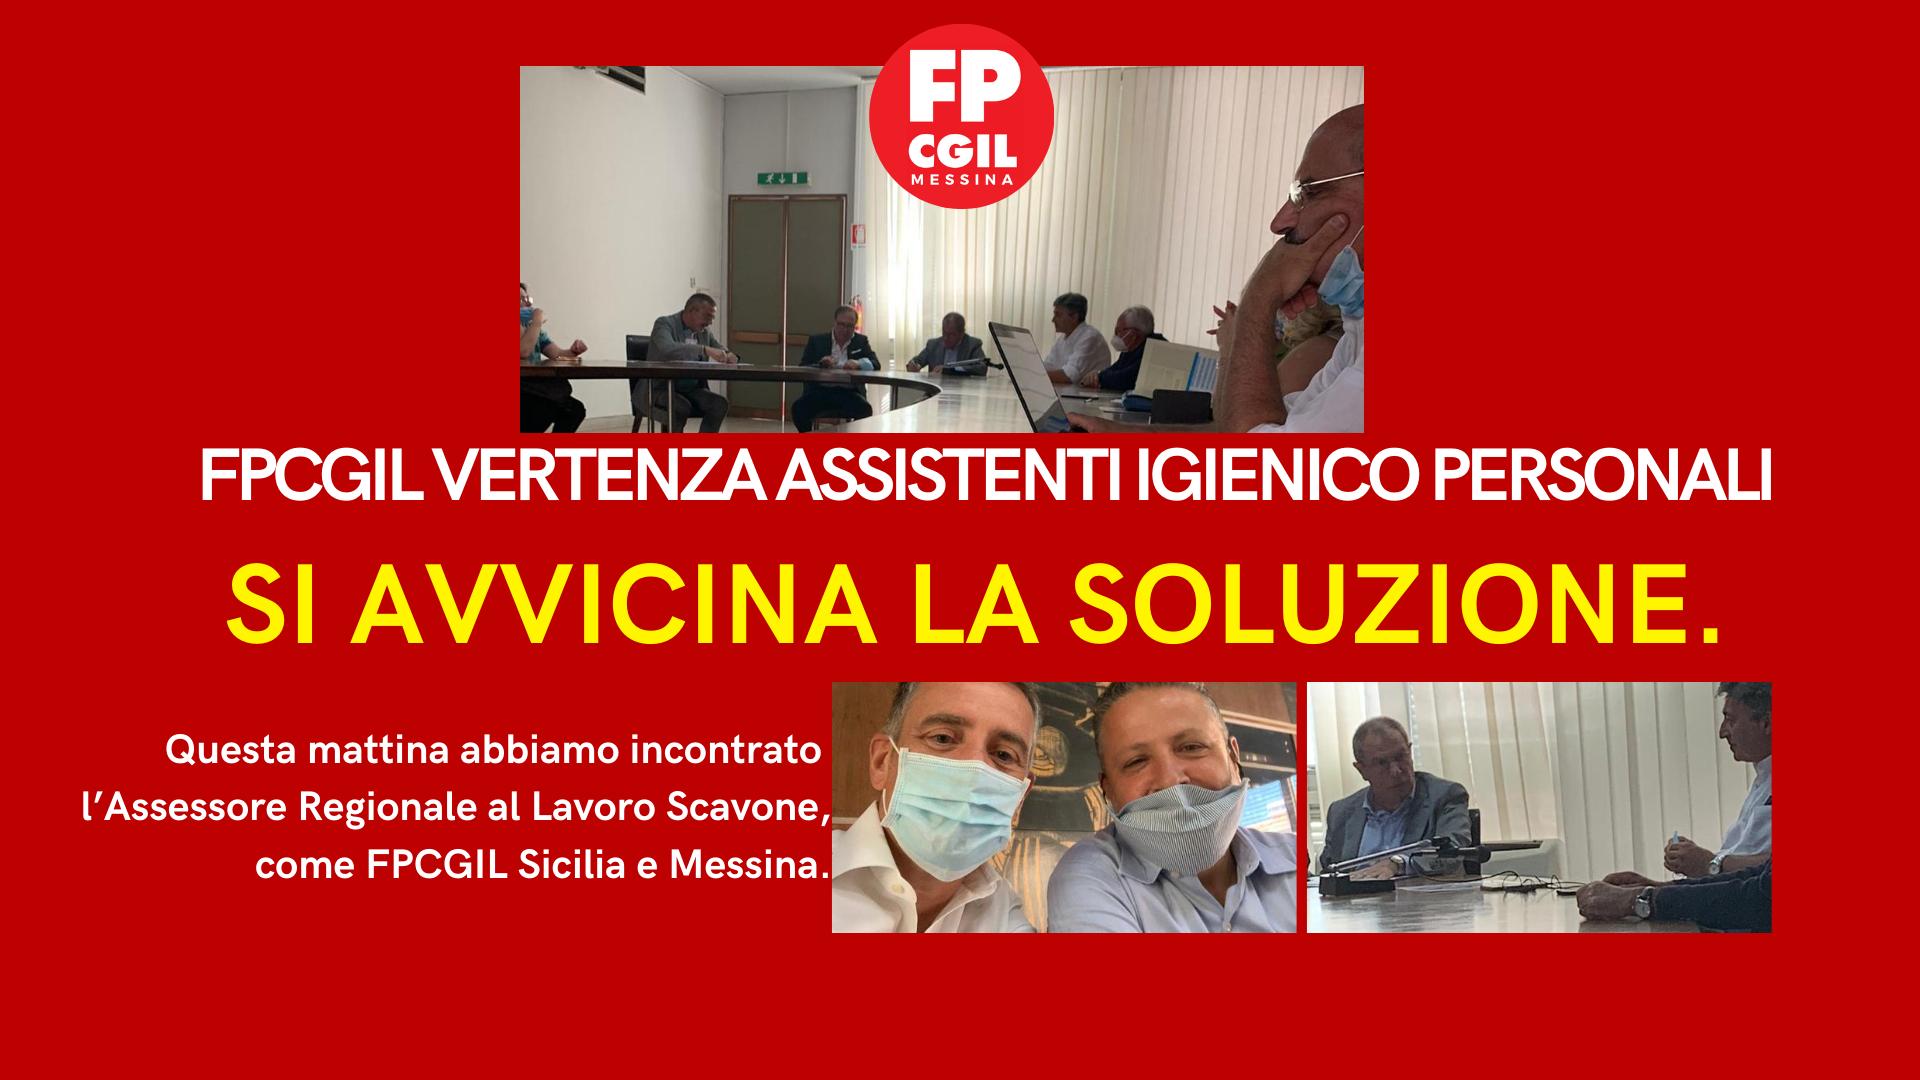 Vertenza Assistenti Igienico Personali, si avvicina una soluzione. Questa mattina, a Catania, incontro tra l'Assessore Scavone e la FP CGIL